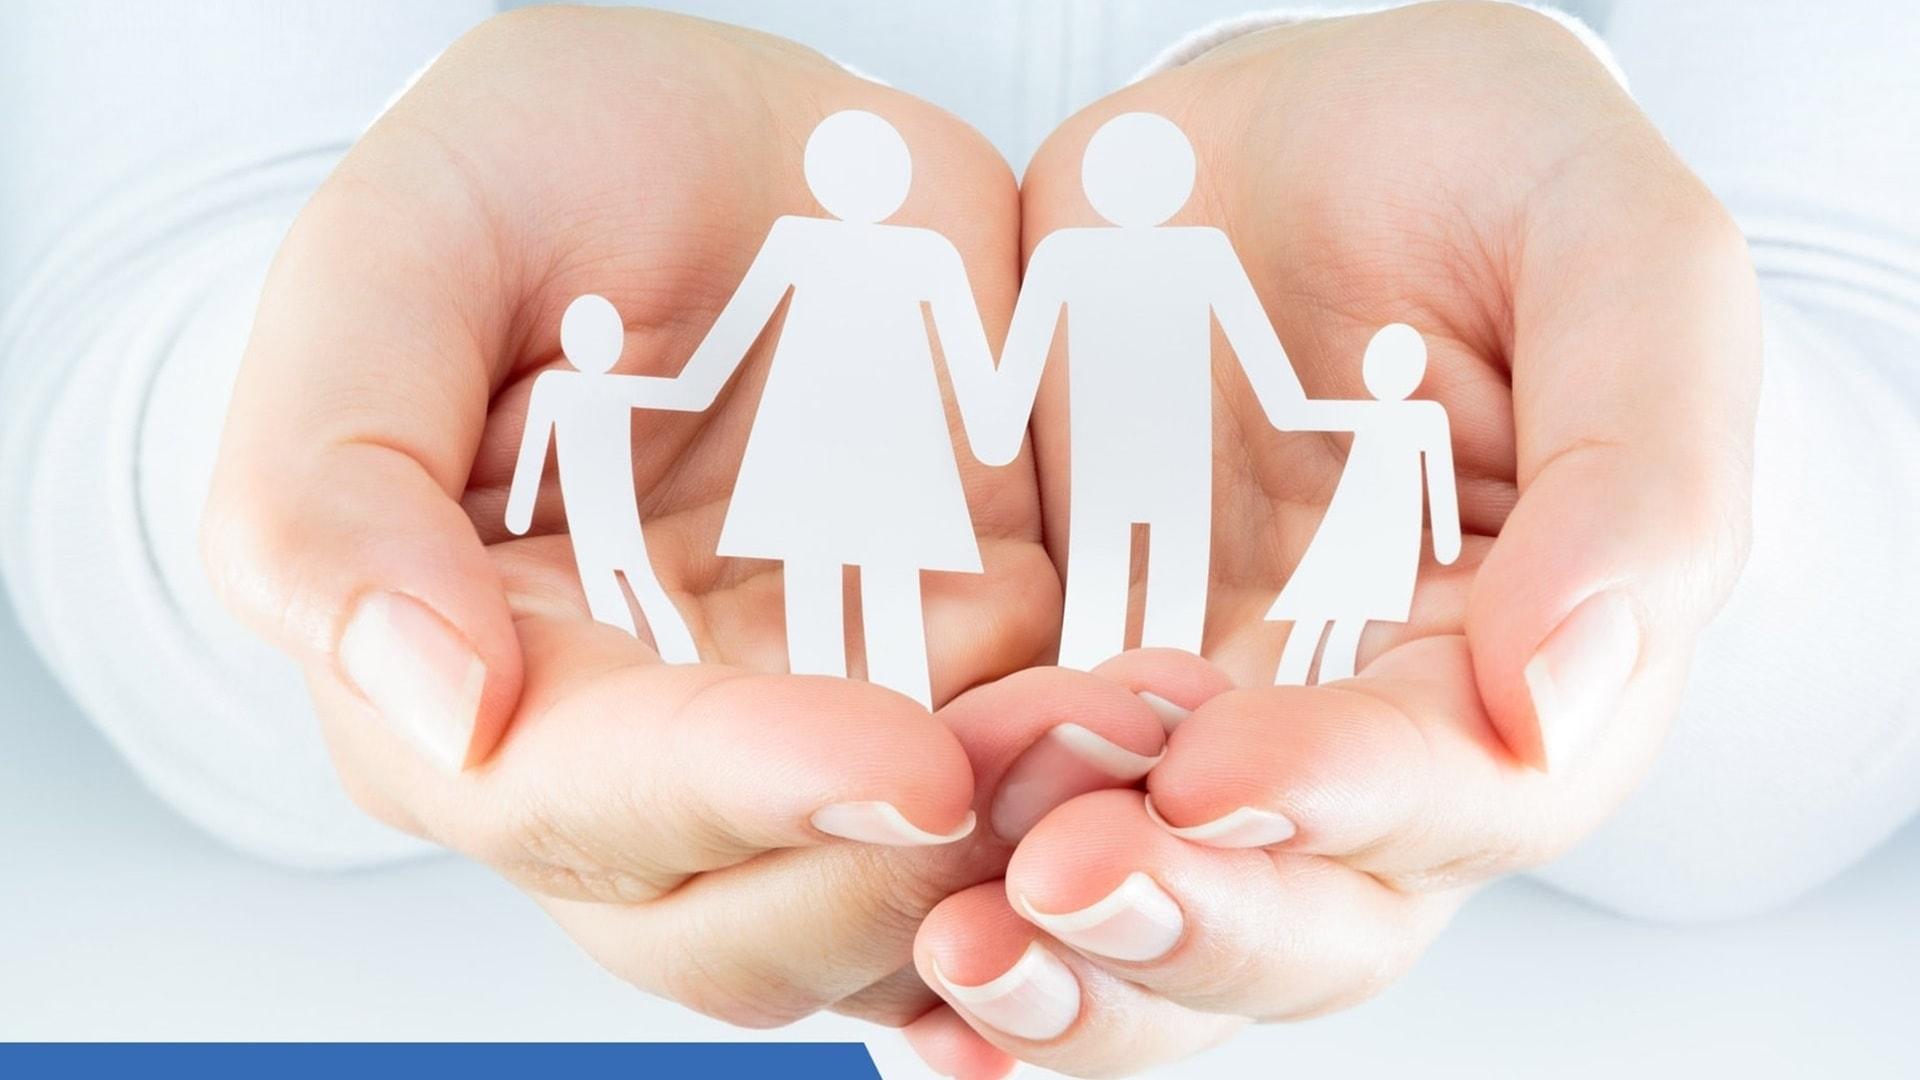 Día Internacional de la Planificación Familiar: cuál es la cifra mundial sin acceso a métodos anticonceptivos